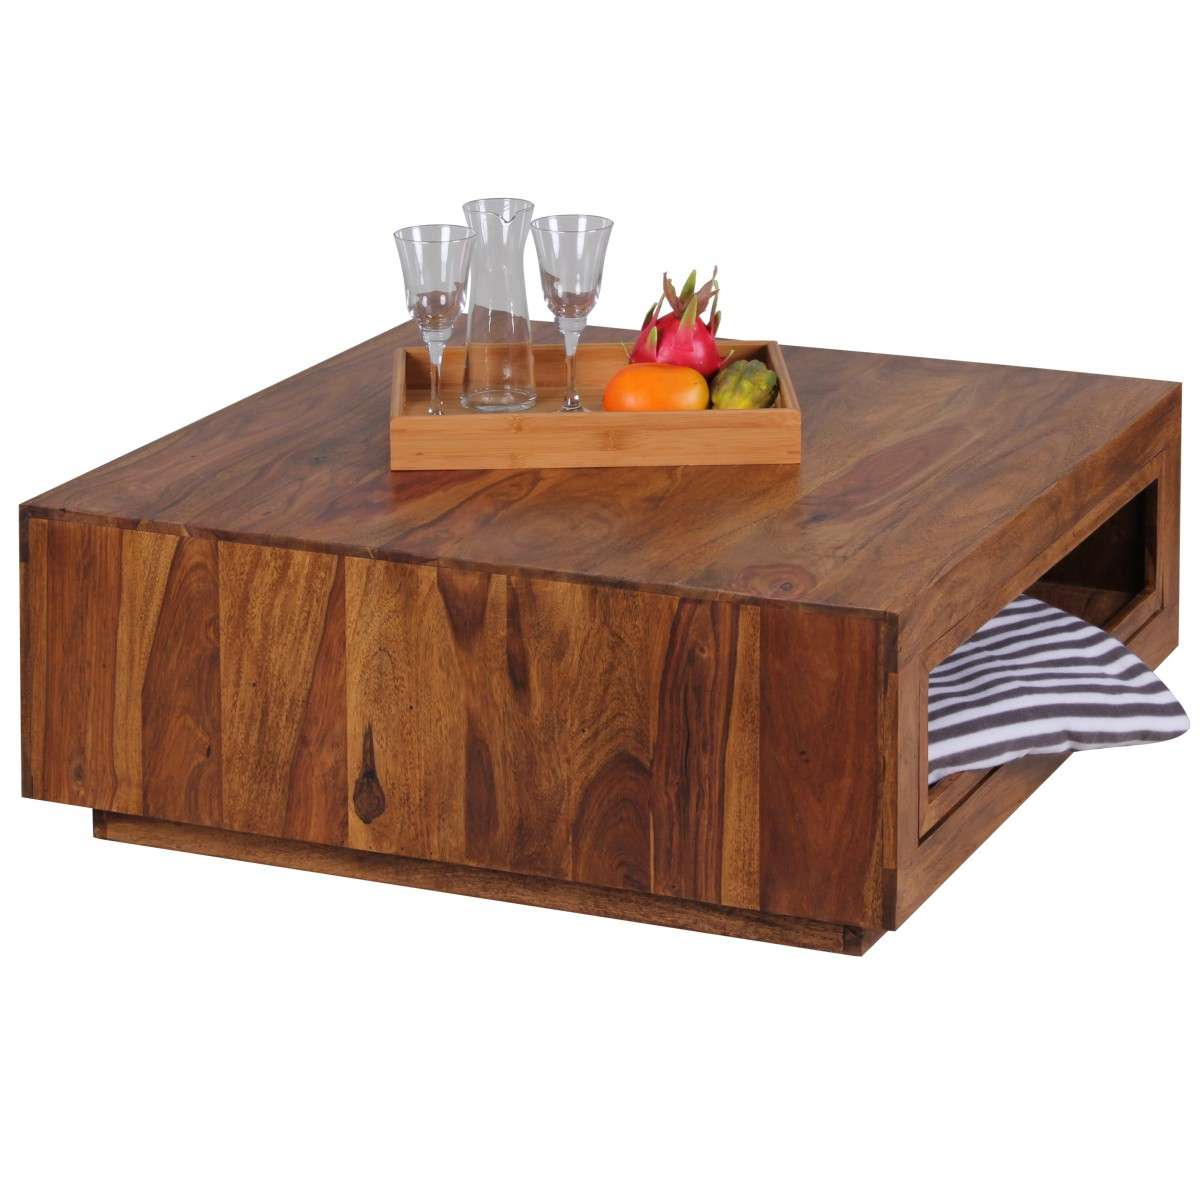 couchtisch 90x90 kristalia mbius couchtisch x cm schwarz with couchtisch 90x90 elegant. Black Bedroom Furniture Sets. Home Design Ideas